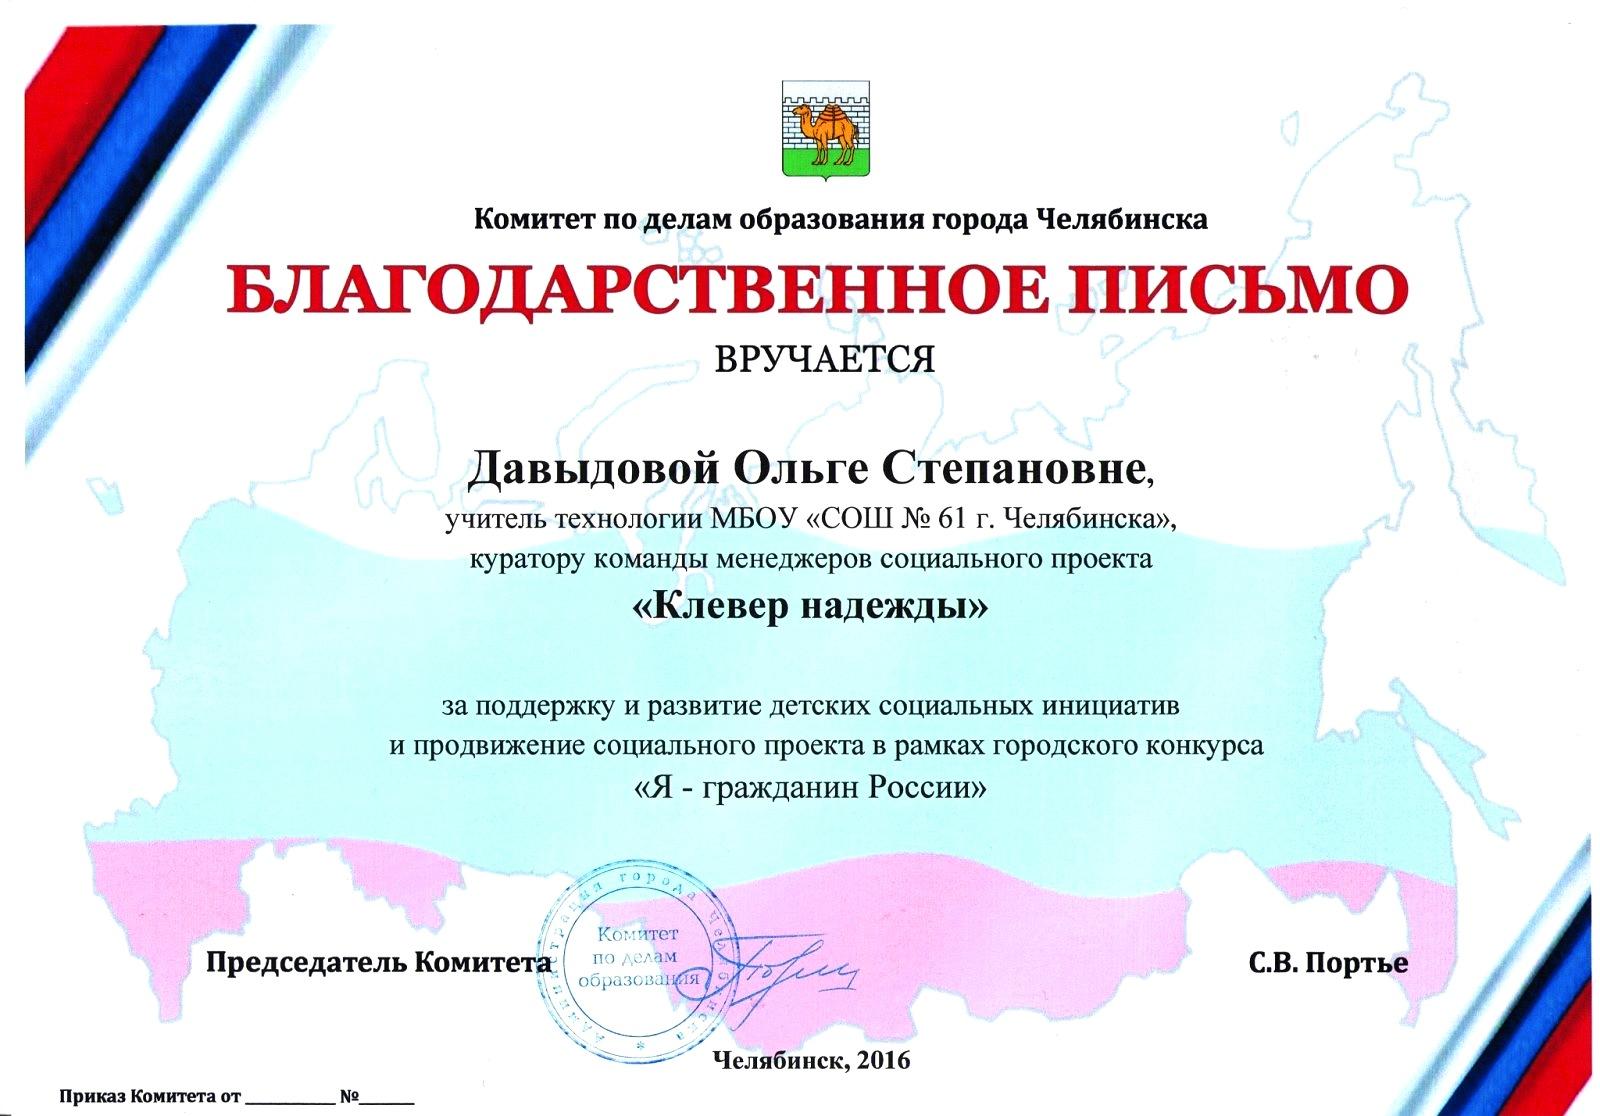 Итоги конкурса я гражданин россии